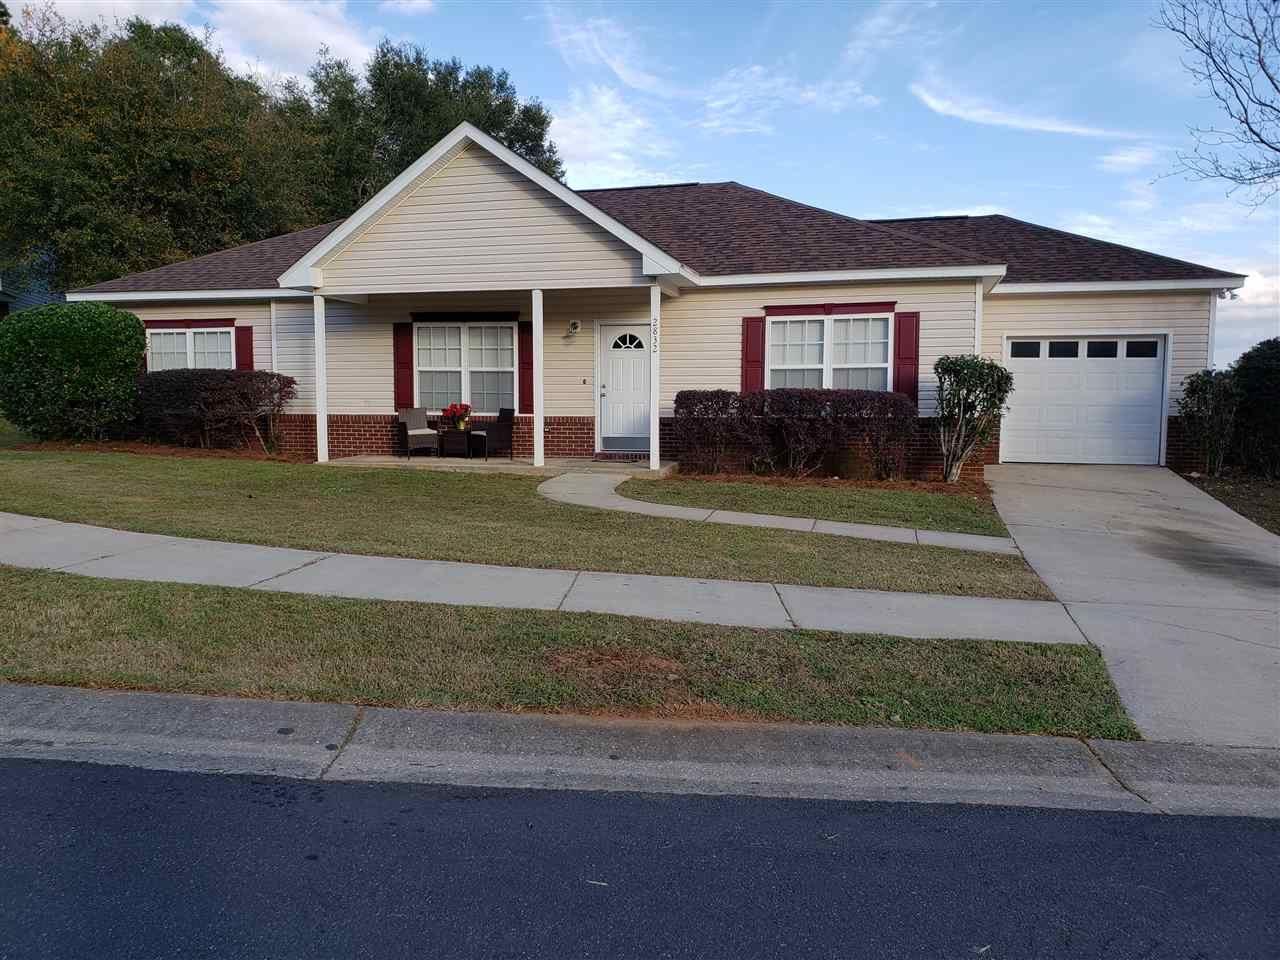 2832 Swanbrooke Court, Tallahassee, FL 32308 - MLS#: 326612